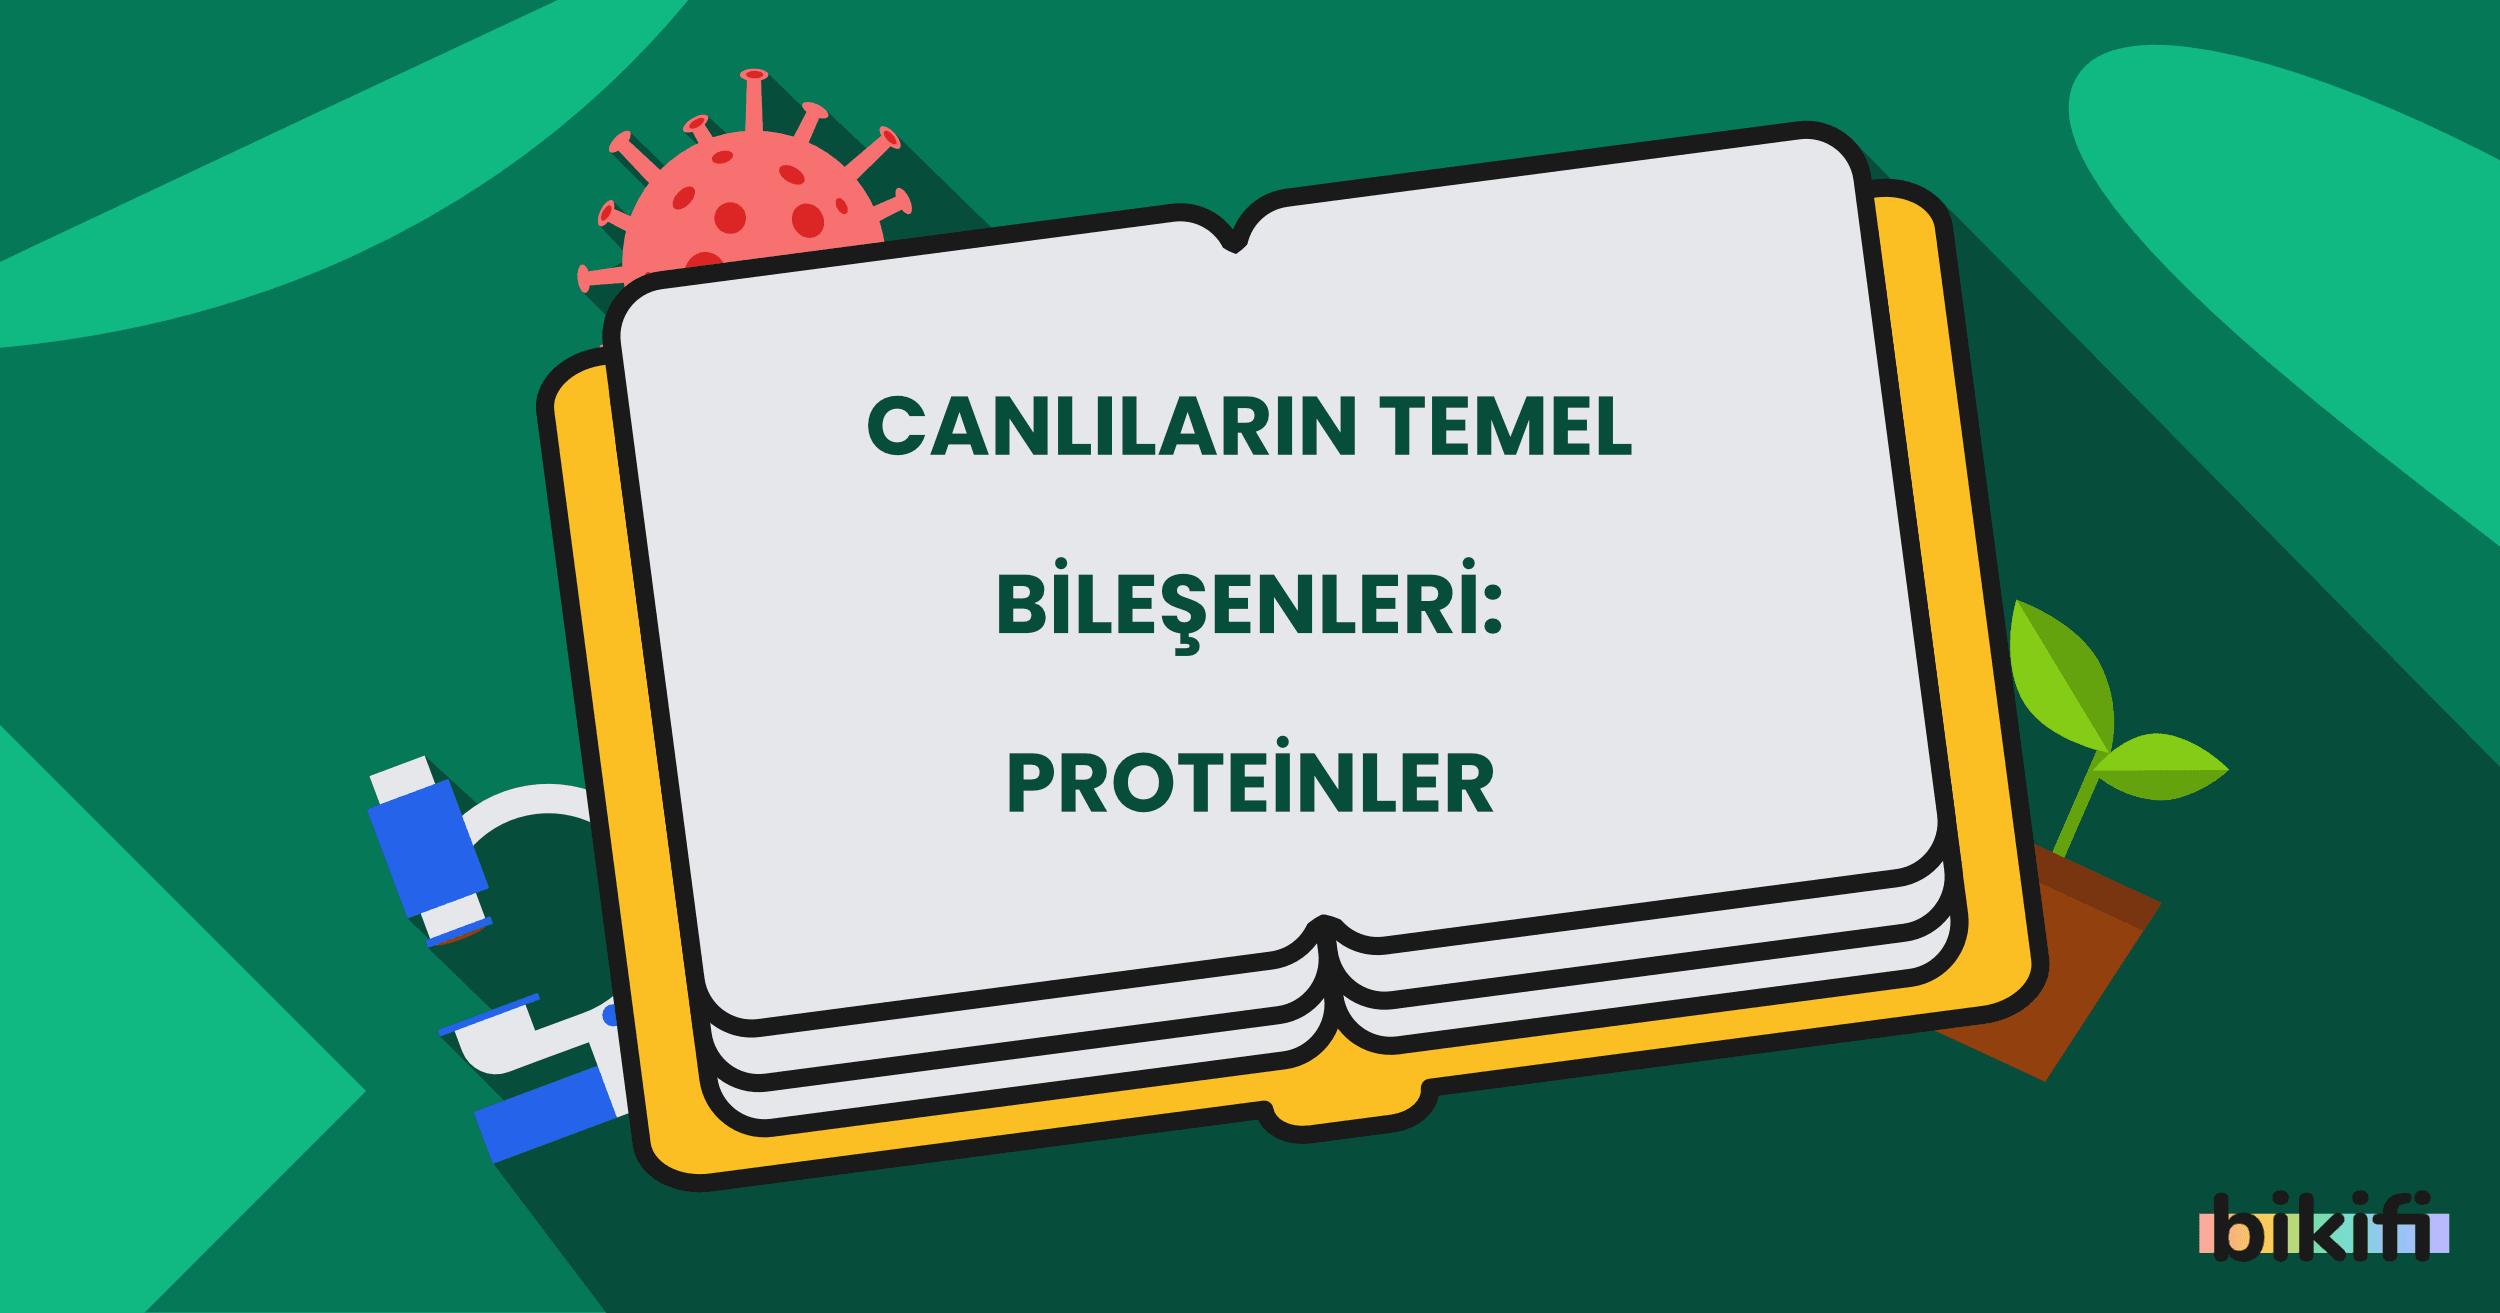 Canlıların Temel Bileşenleri: Proteinler